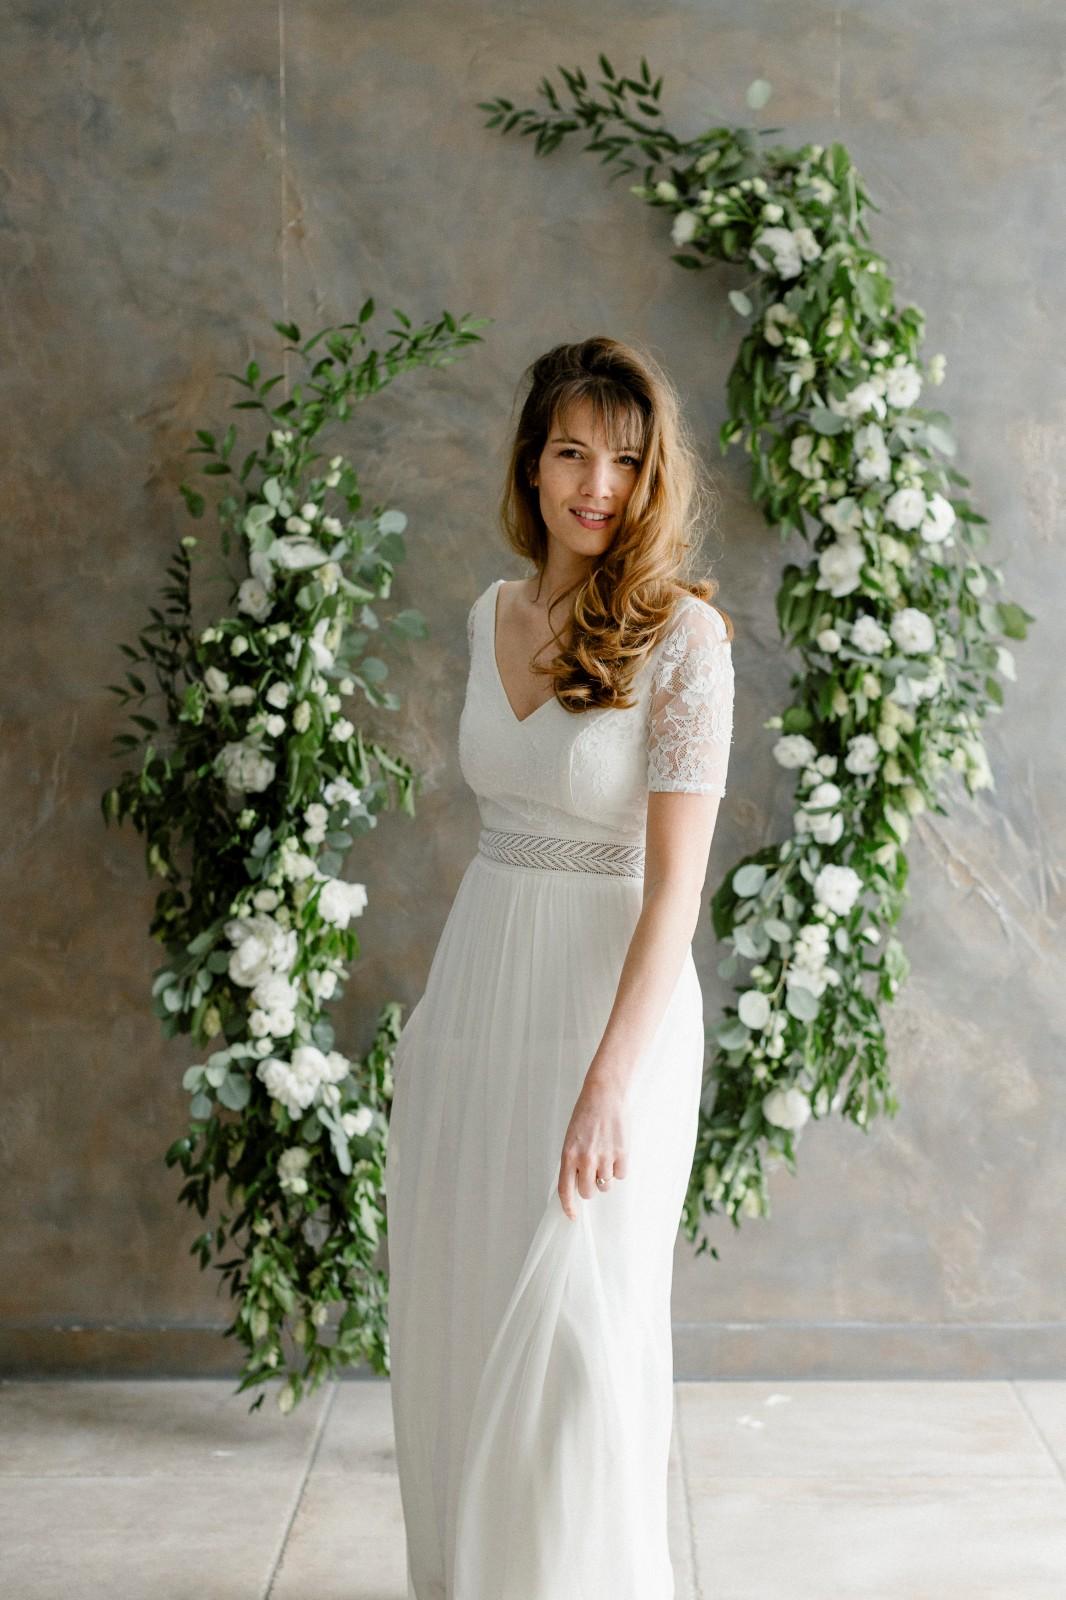 Clémence est une robe de mariée bohème ecoresposable fabriqué en France près de Nantes.